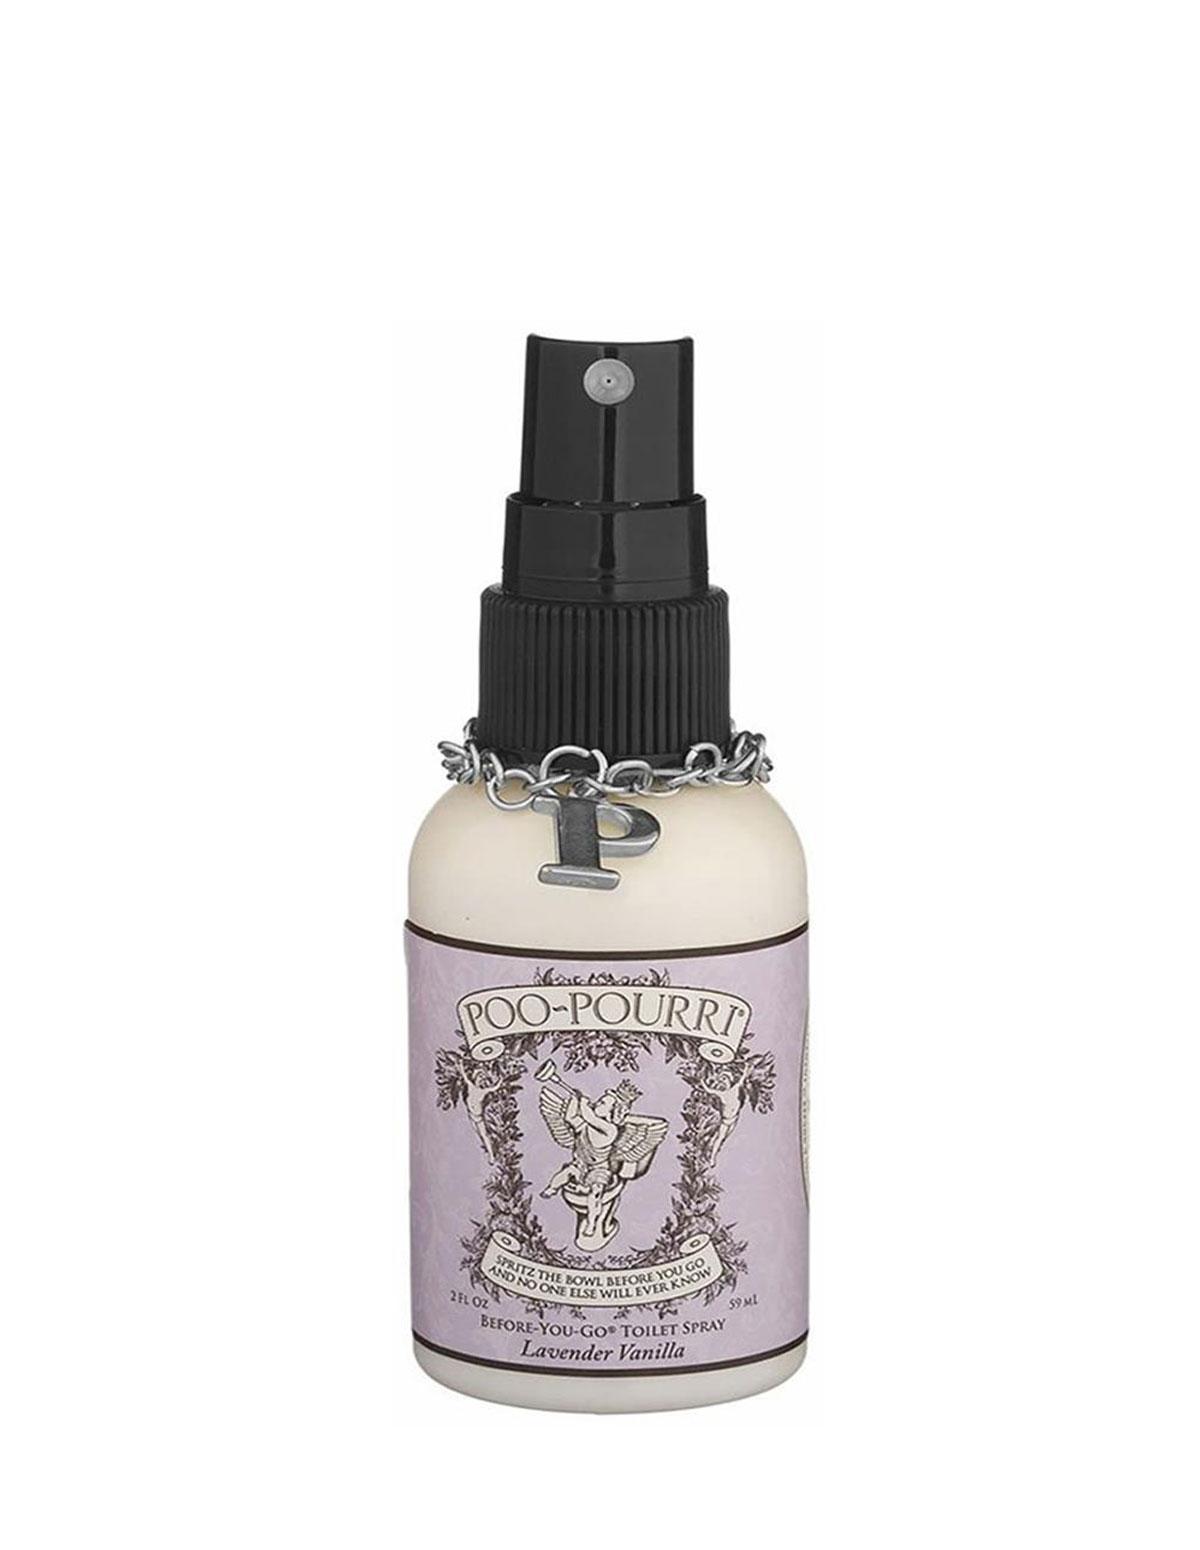 Poopourri 2Oz - Lavender Vanilla